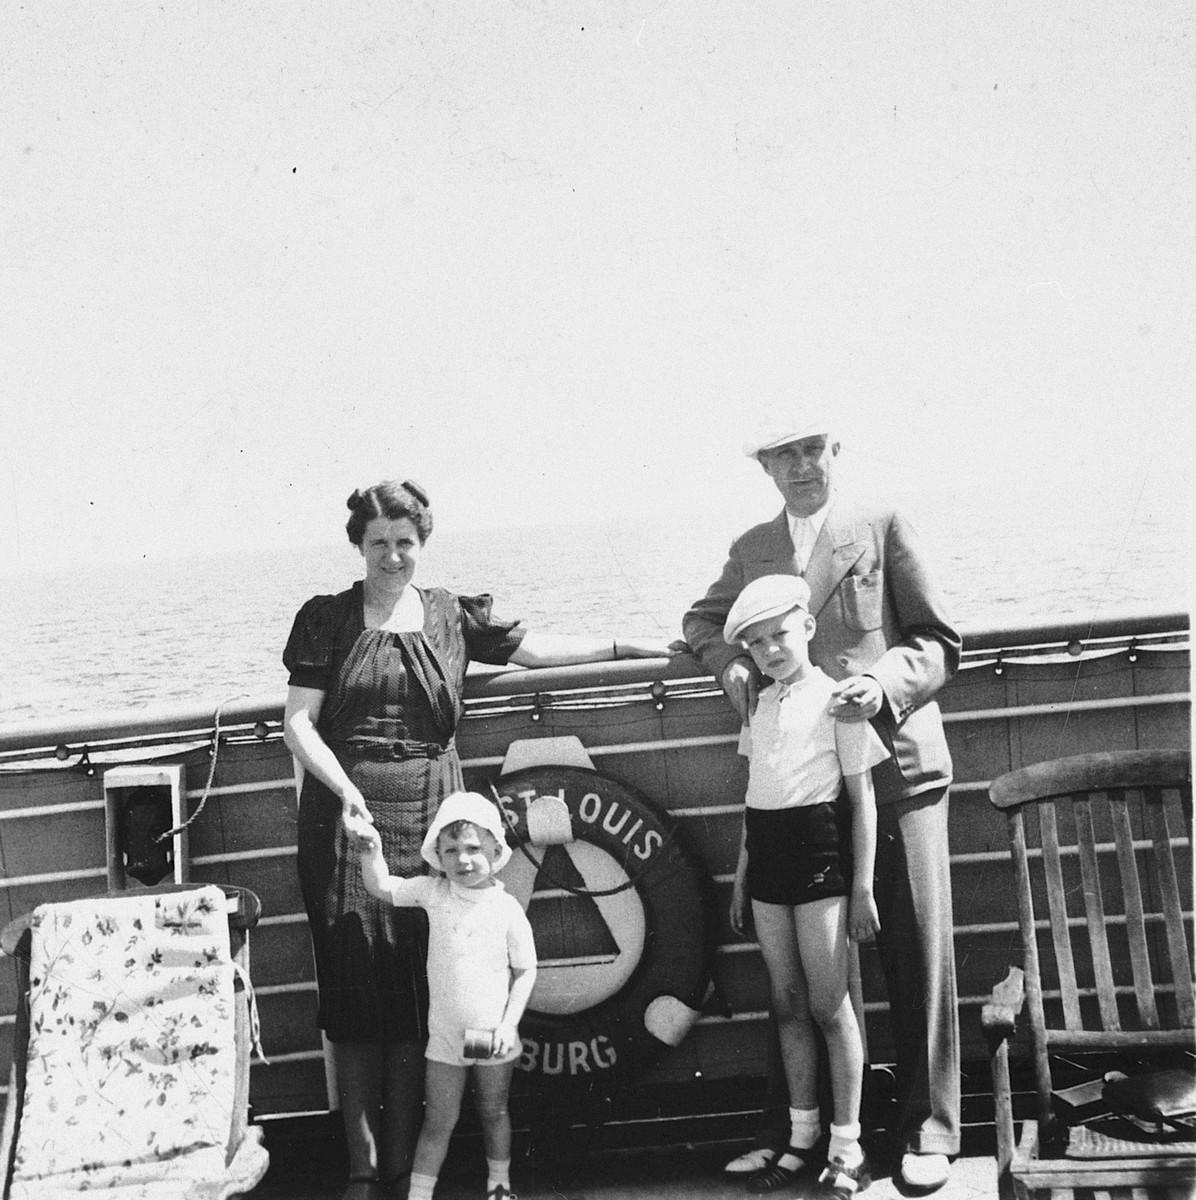 The Chraplewski family poses on board the St. Louis.  Pictured are Klara, Peter, Siegfried and Jan Chraplewski.